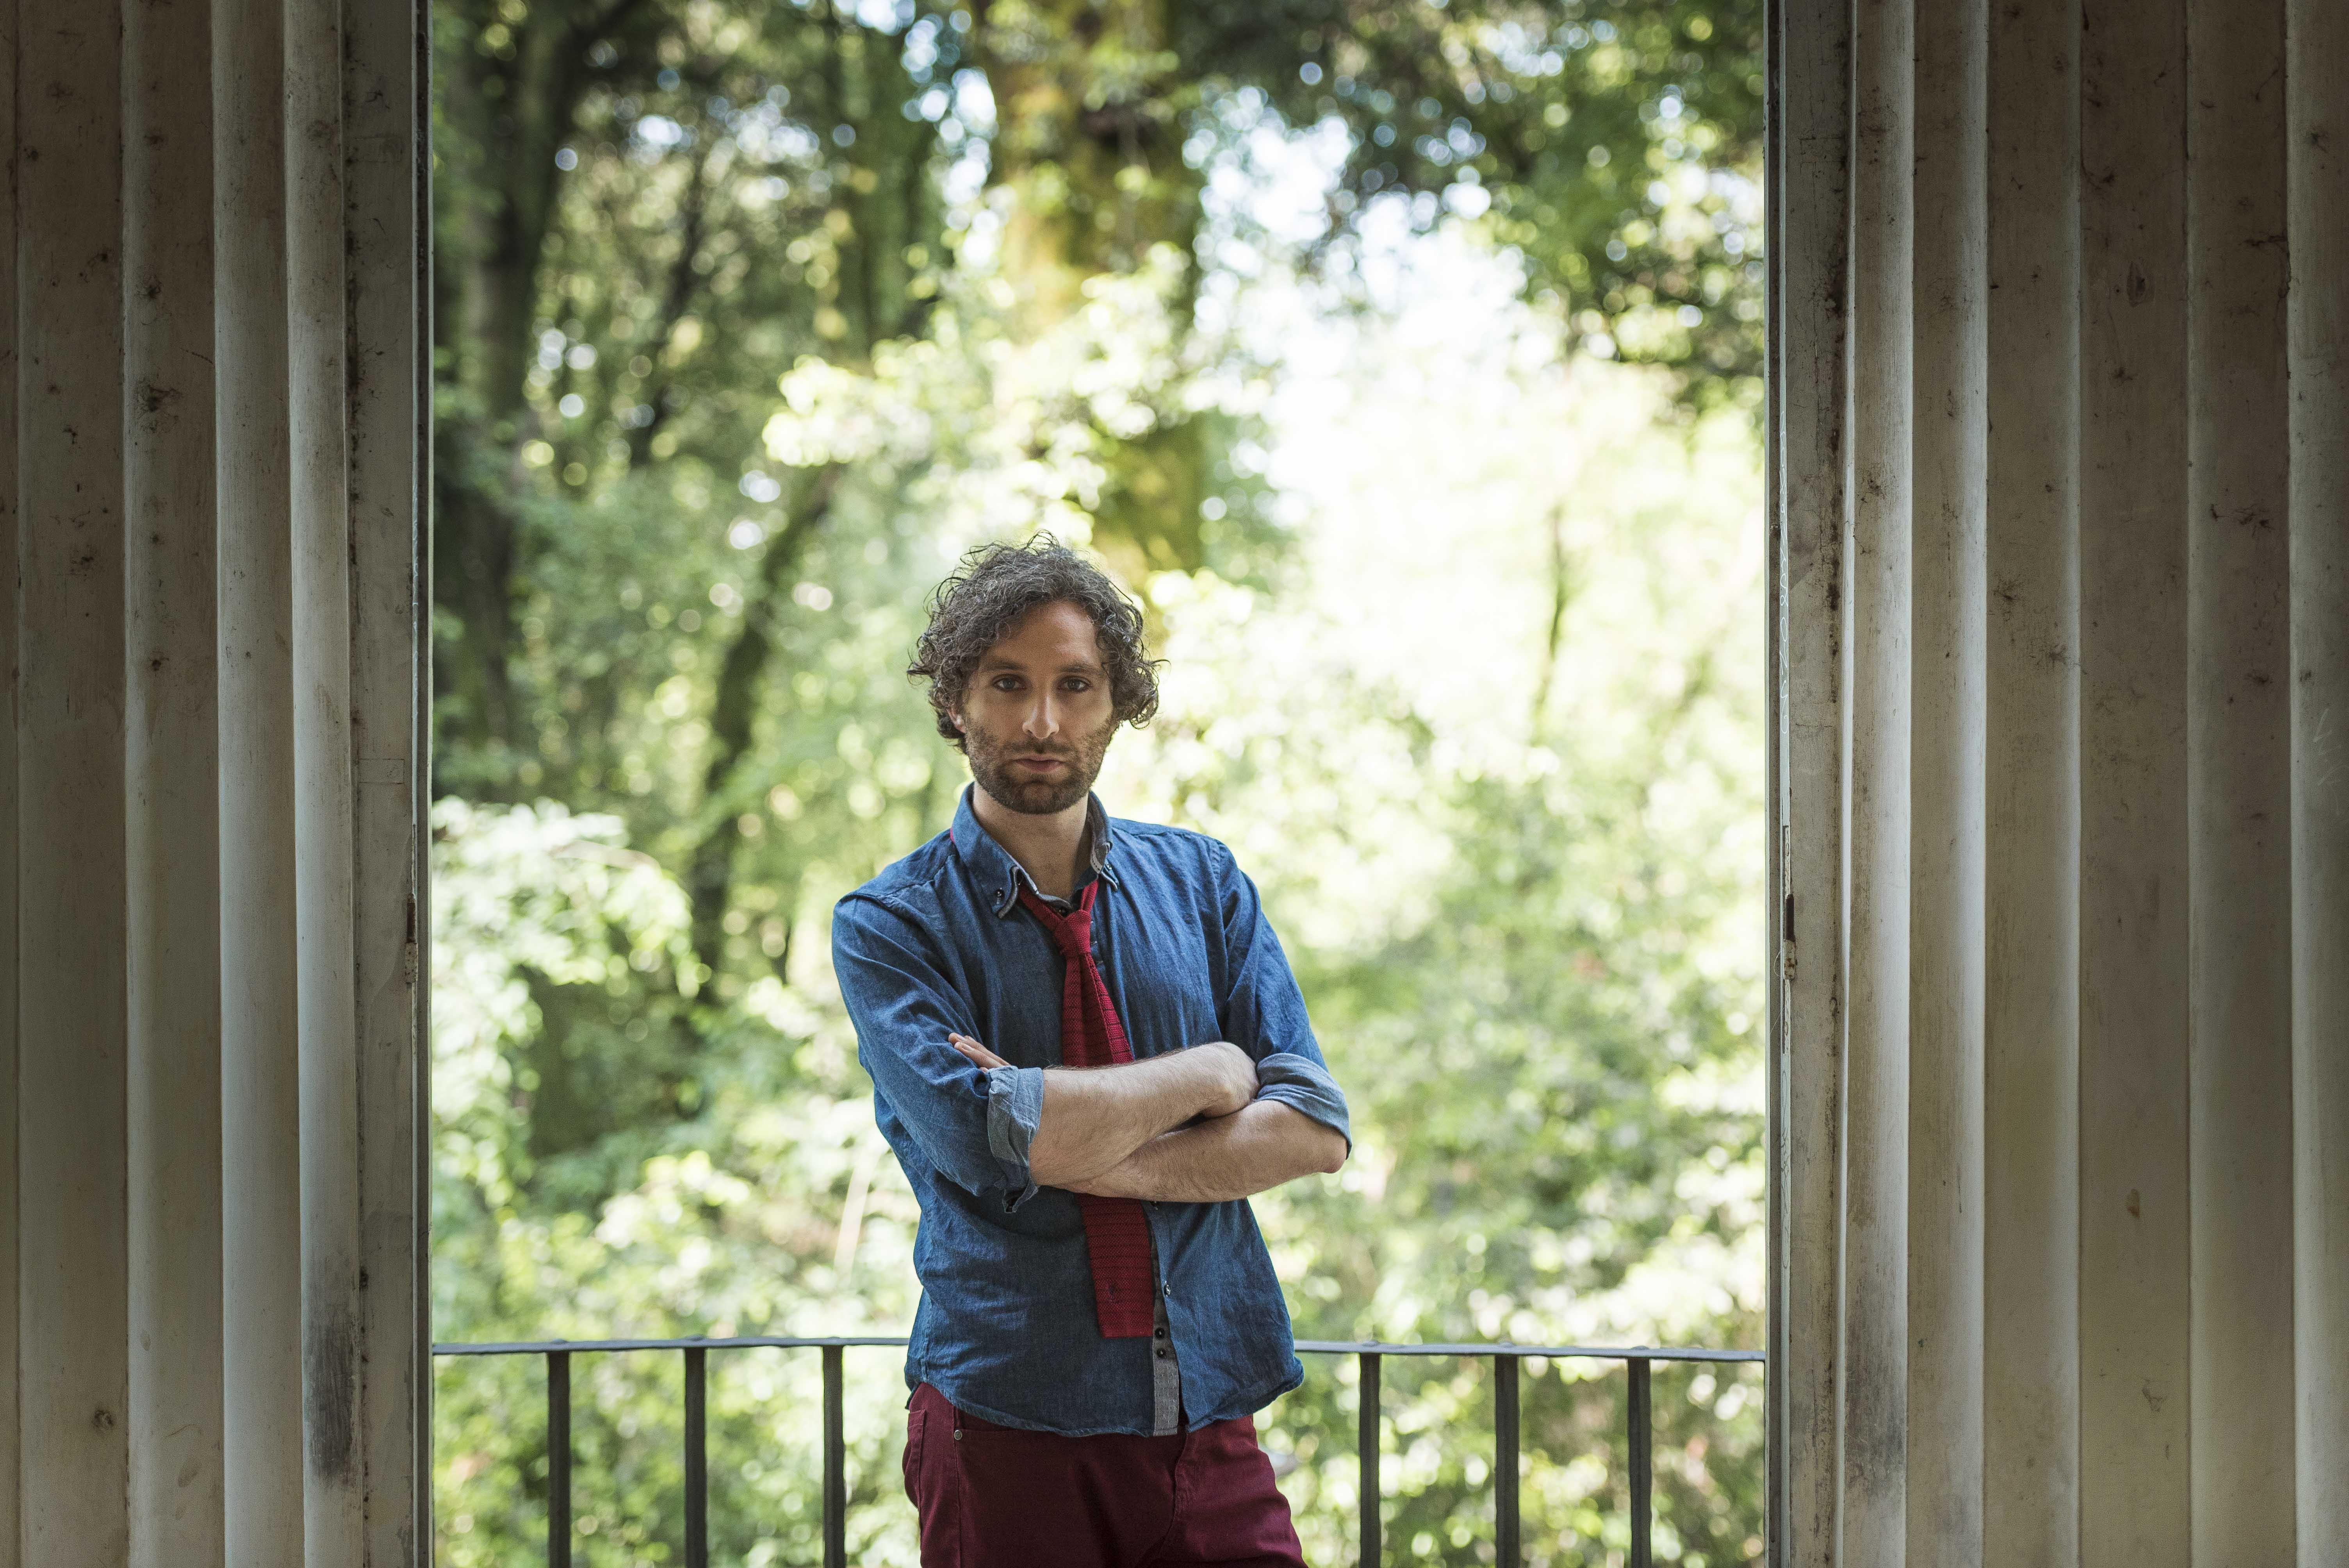 Scatti di Alberto Mantegna 2018